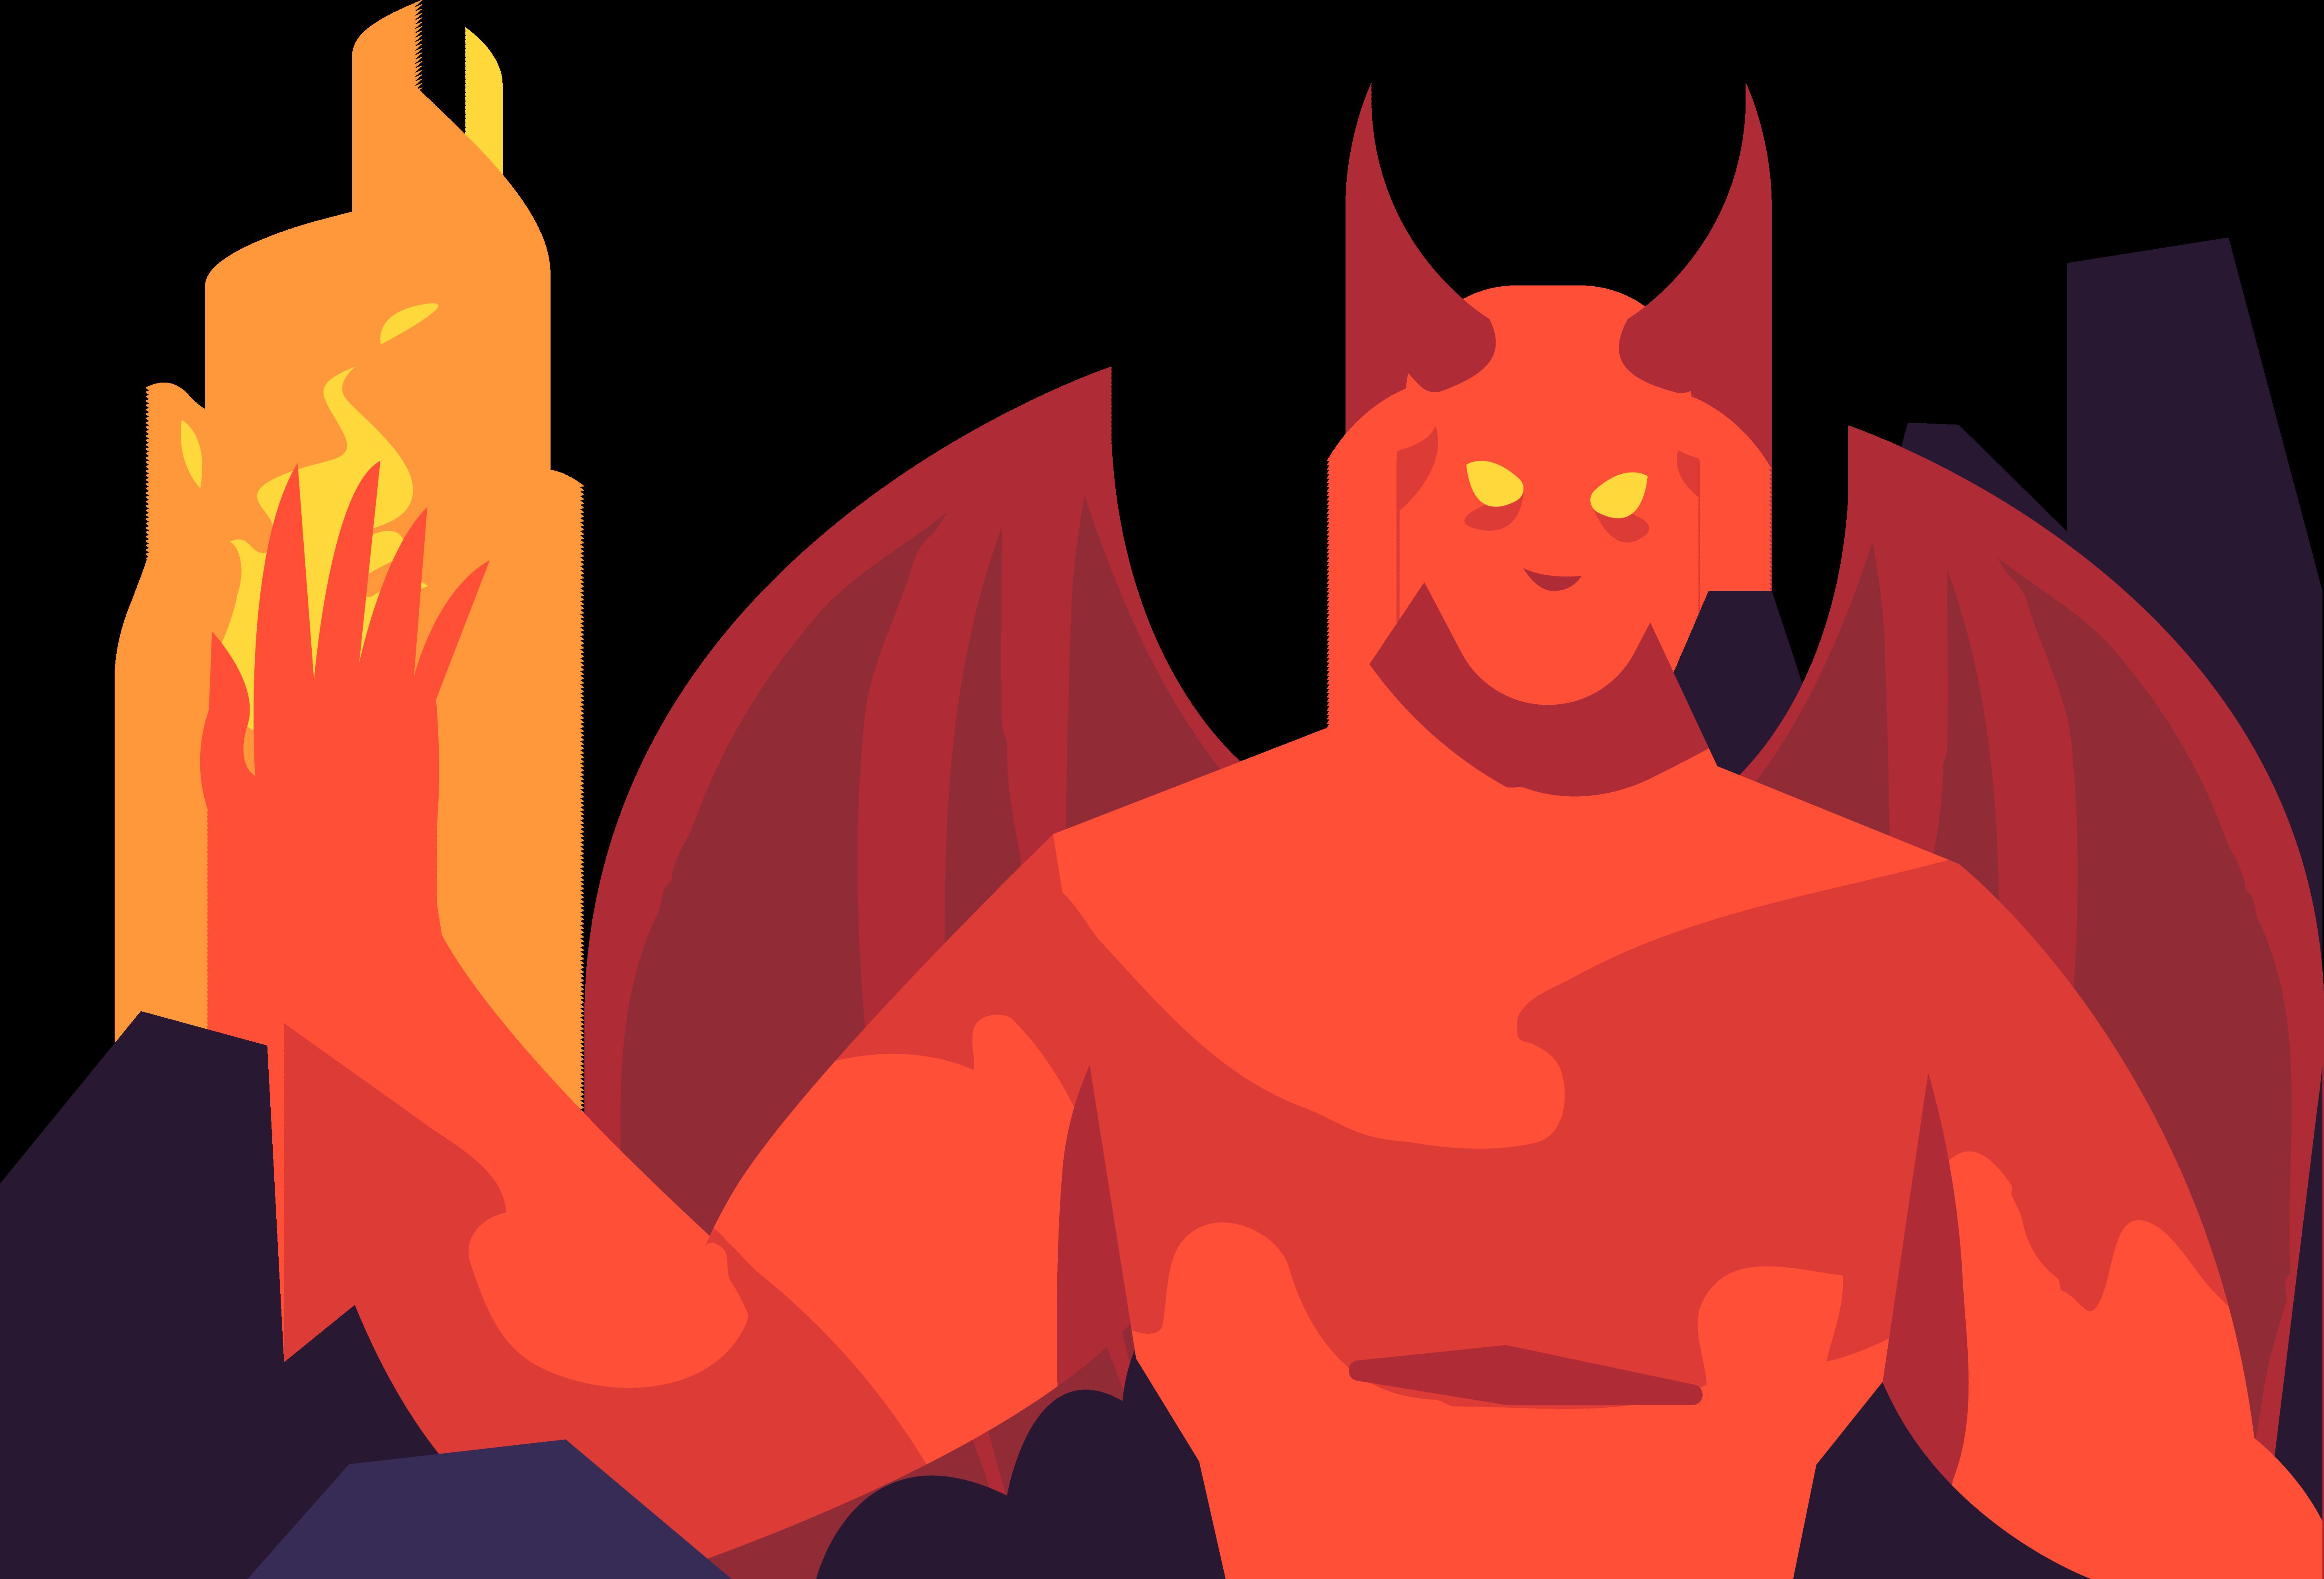 Horn clipart real devil. Demon clip art horrible